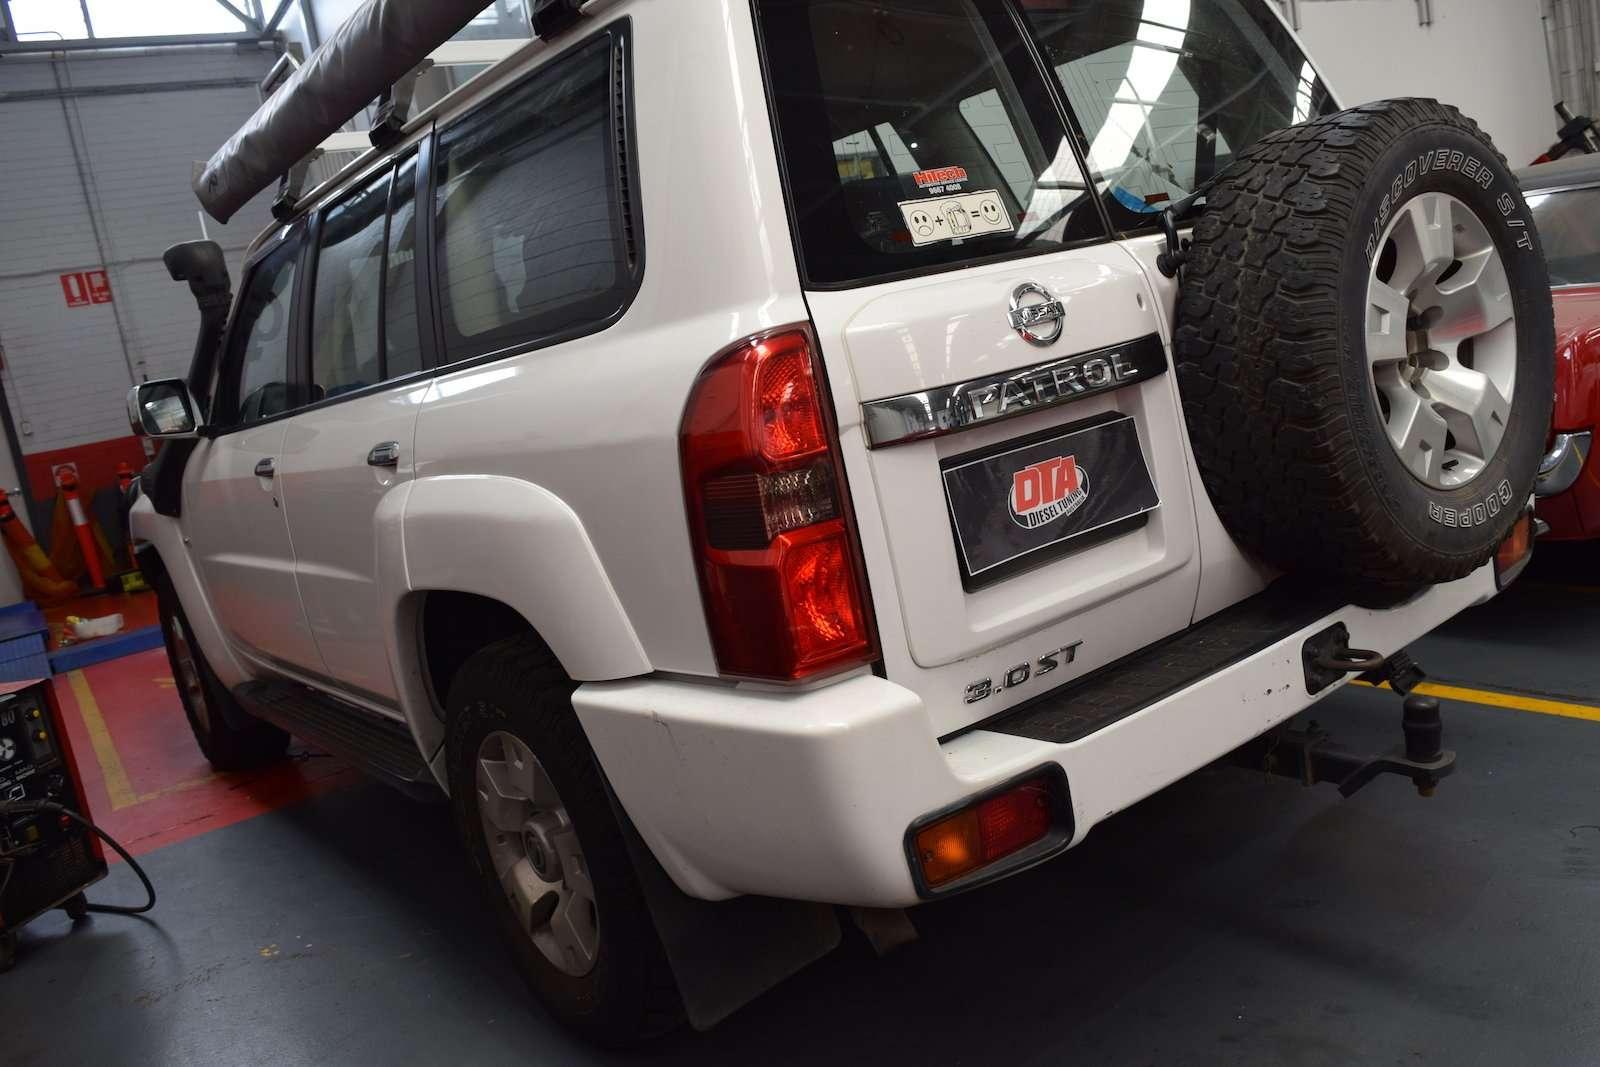 Nissan Patrol 3.0L 118 kW ECU REMAP - Diesel tuning specialist